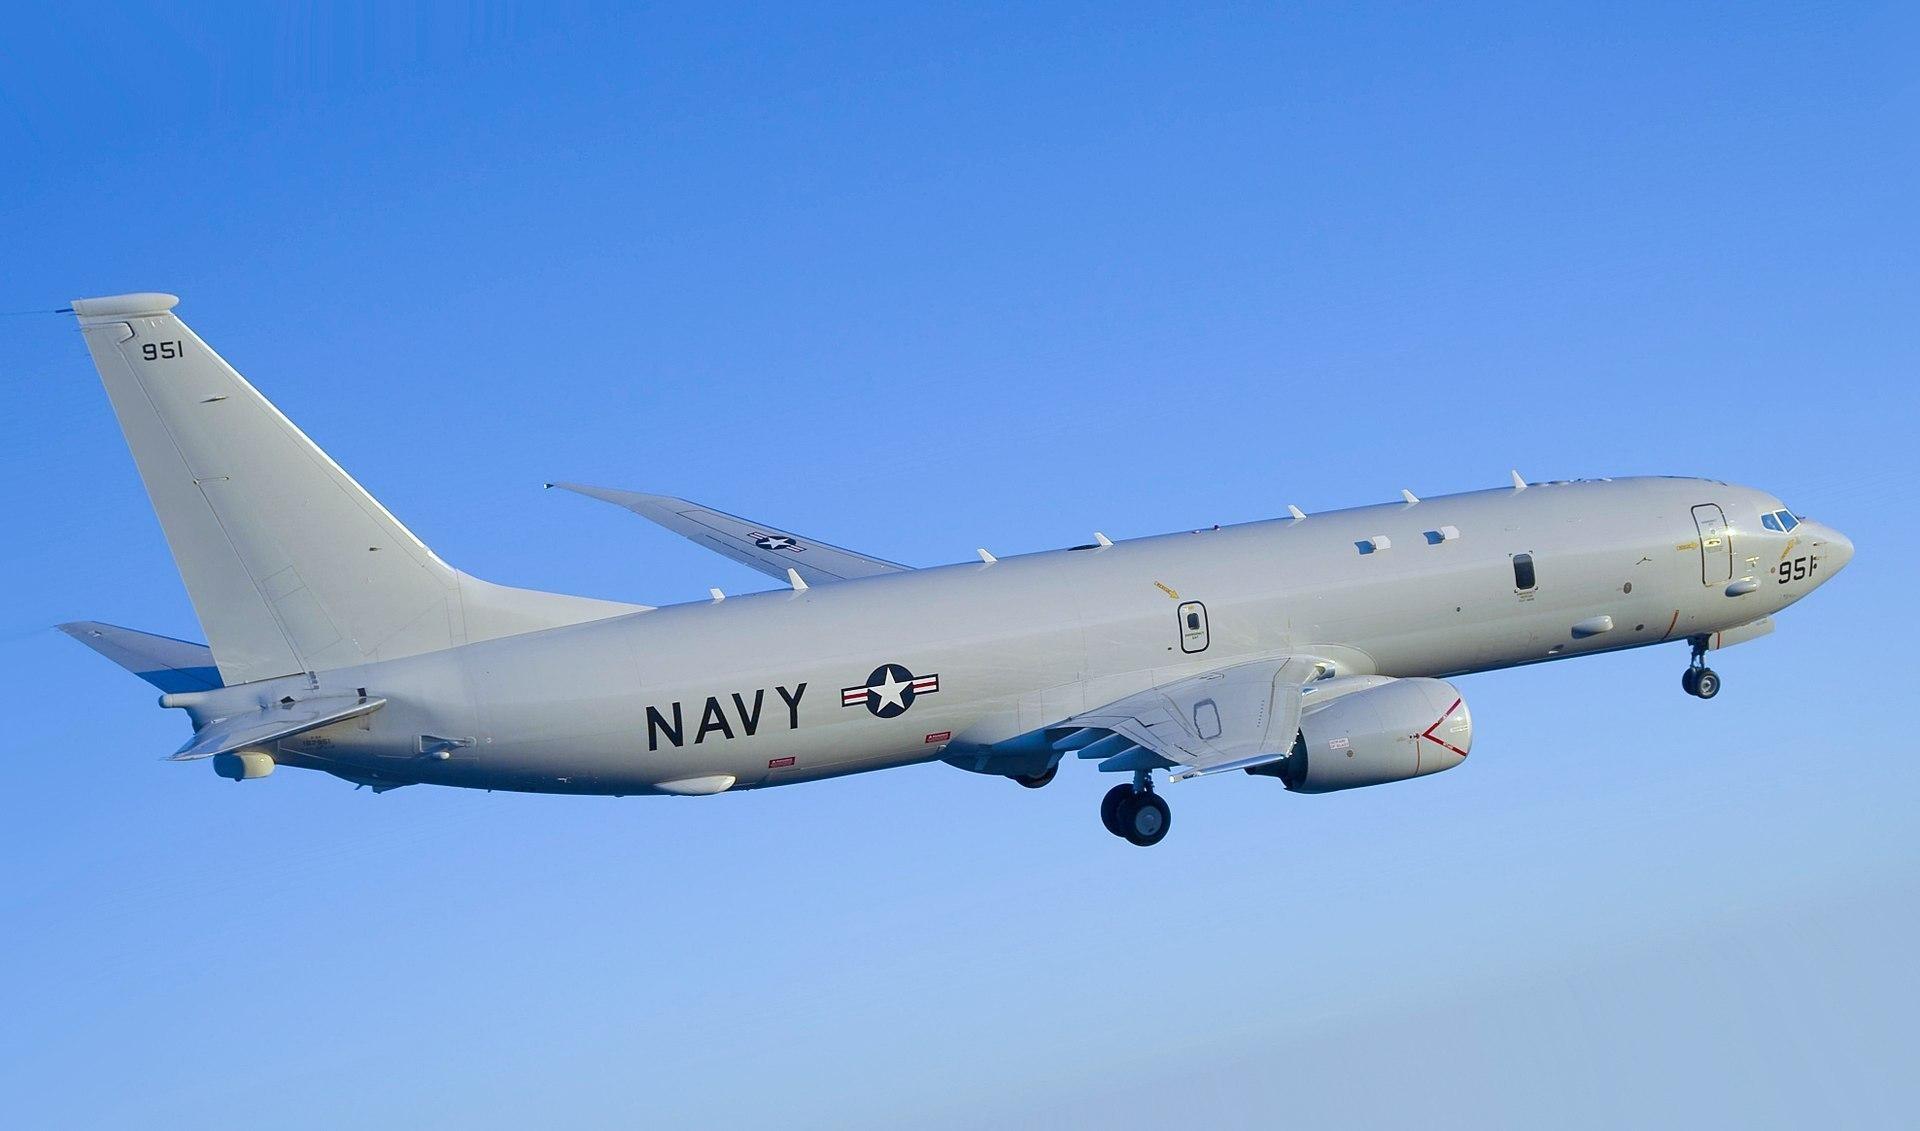 随着P-8A数量的增多,该机已经成为对华航空侦察的主力。